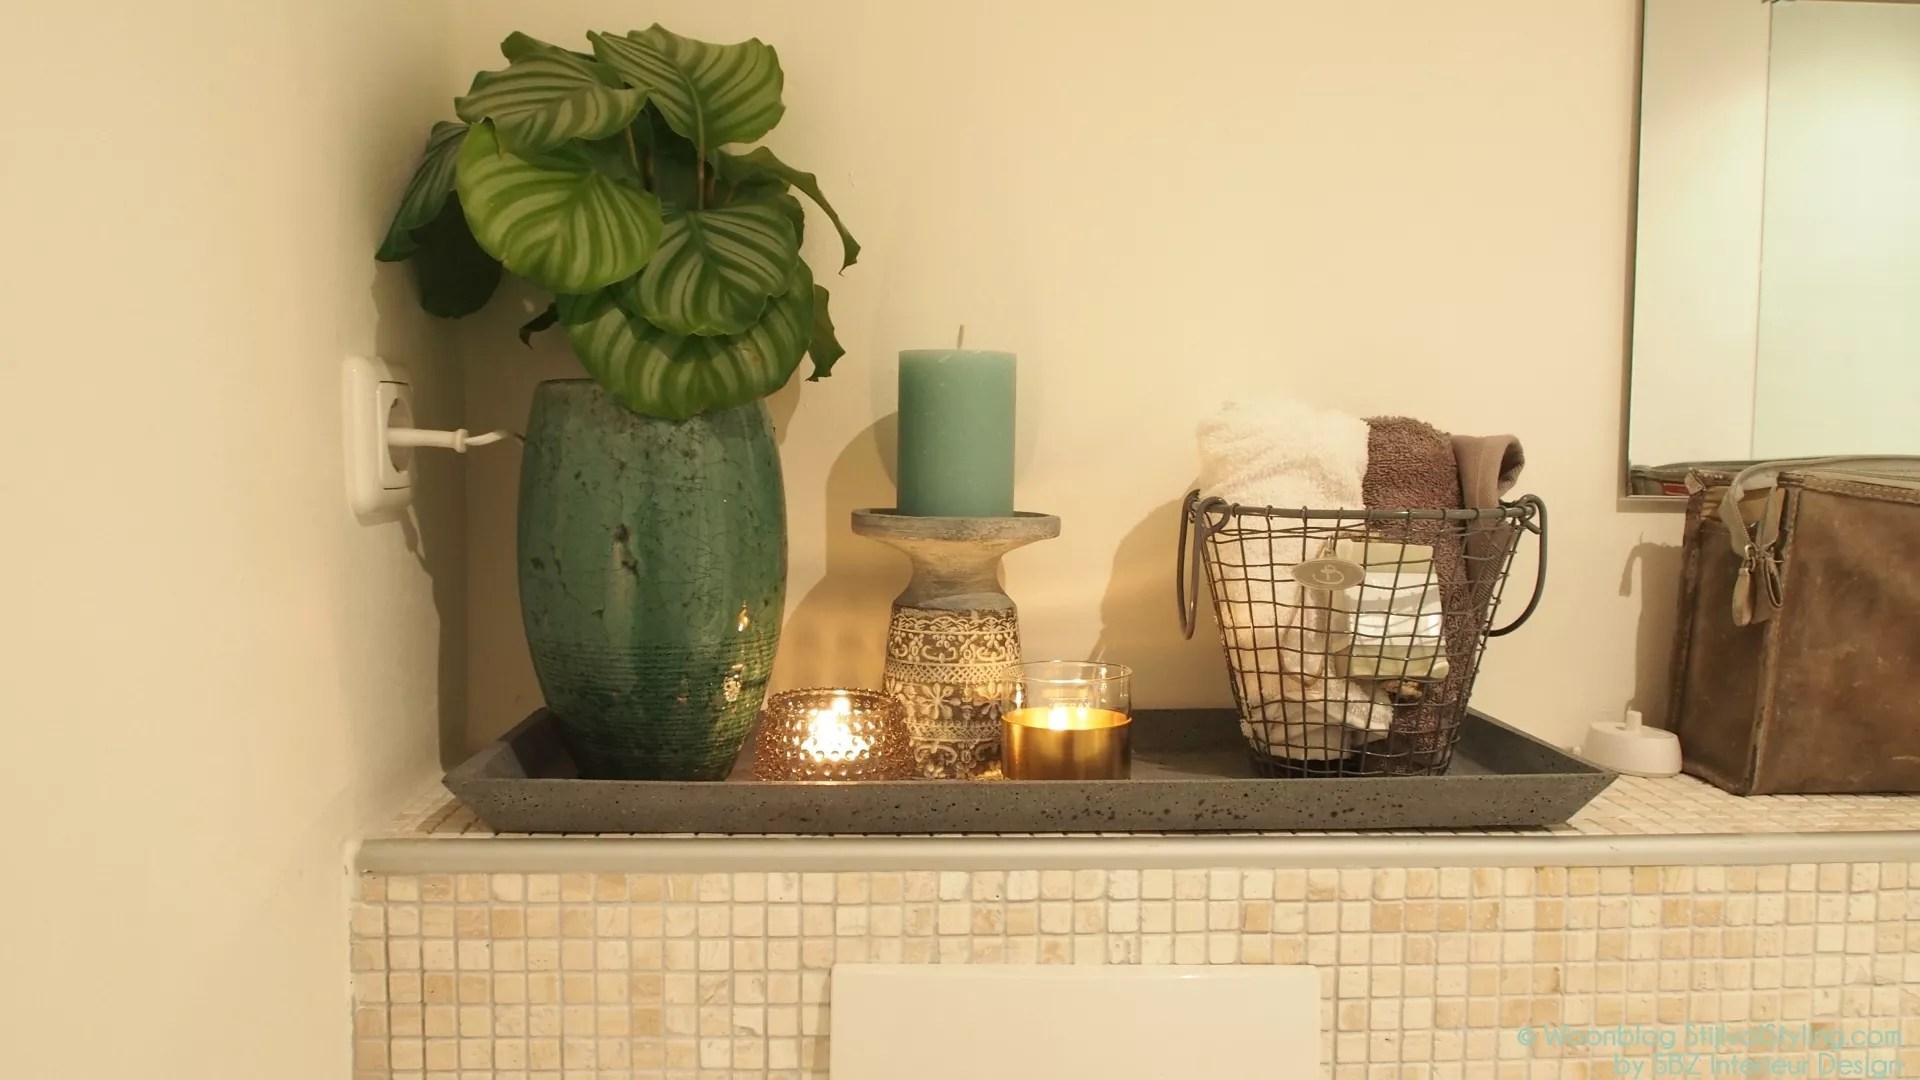 Interieur natuurlijke badkamer inspiratie u2022 stijlvol styling